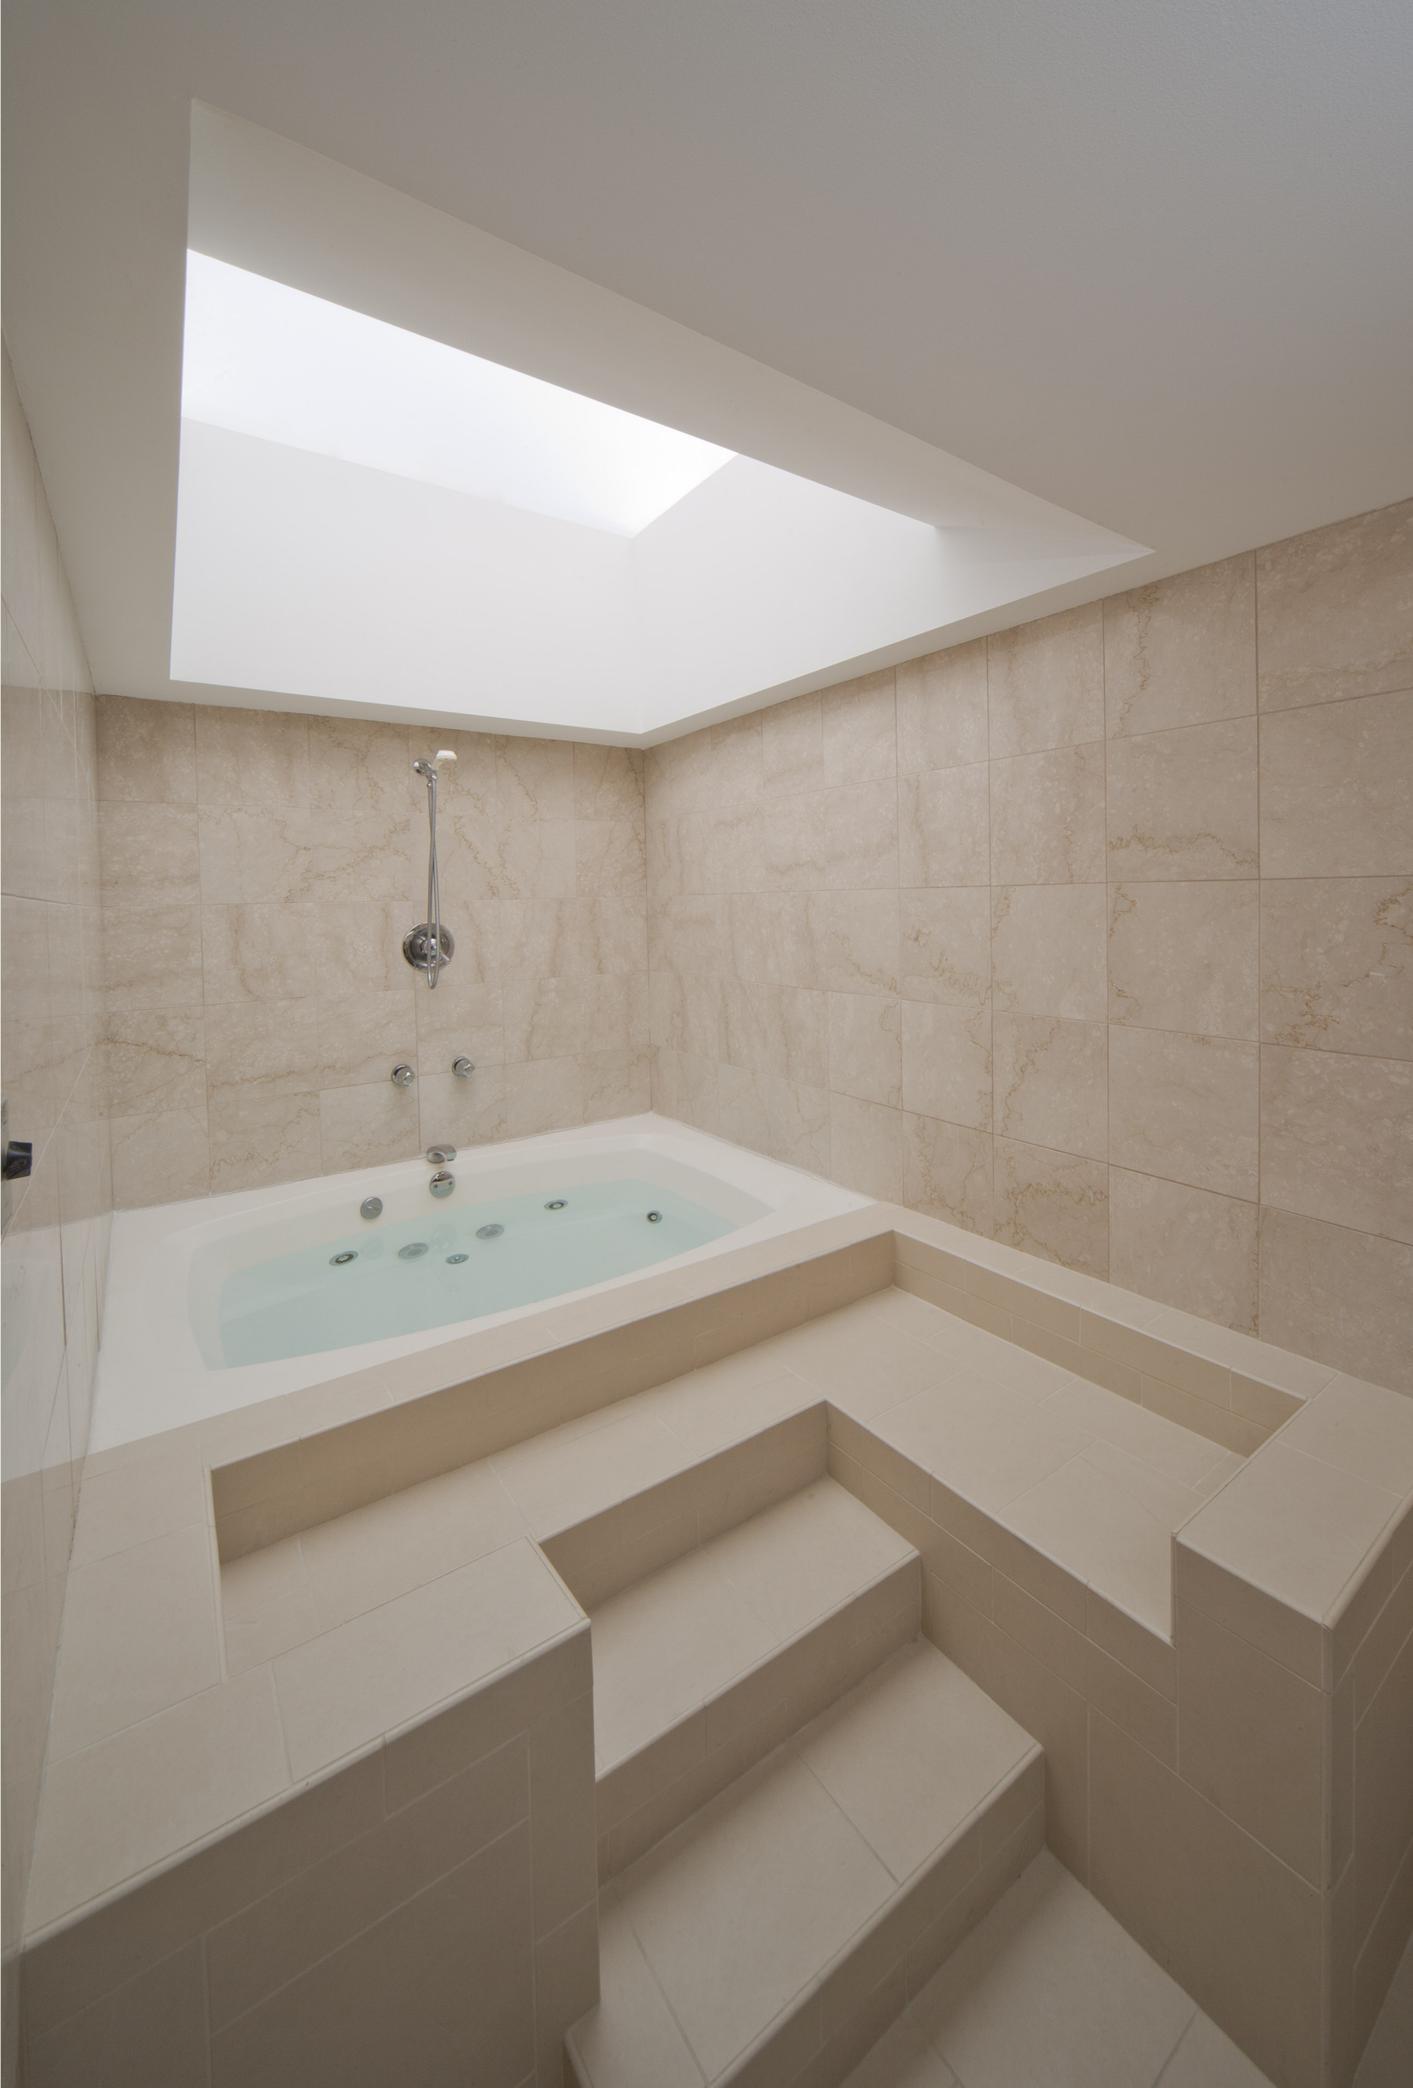 Embassy Suites by Hilton Detroit Troy Auburn Hills image 9